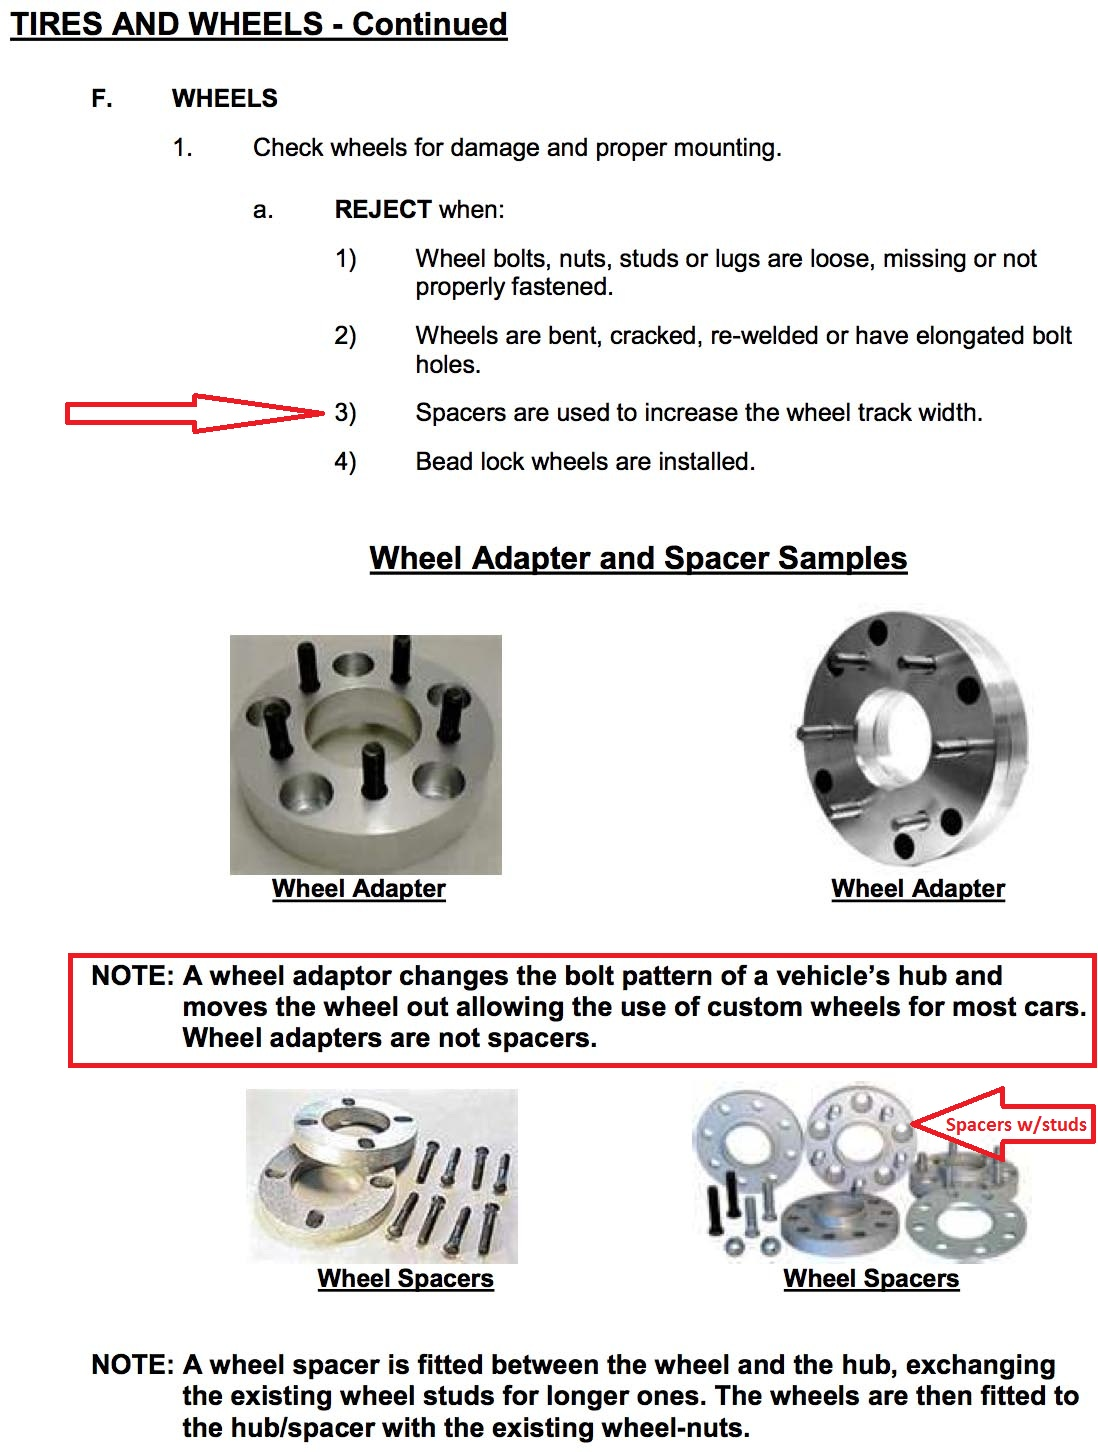 wheel-20spacers.jpg